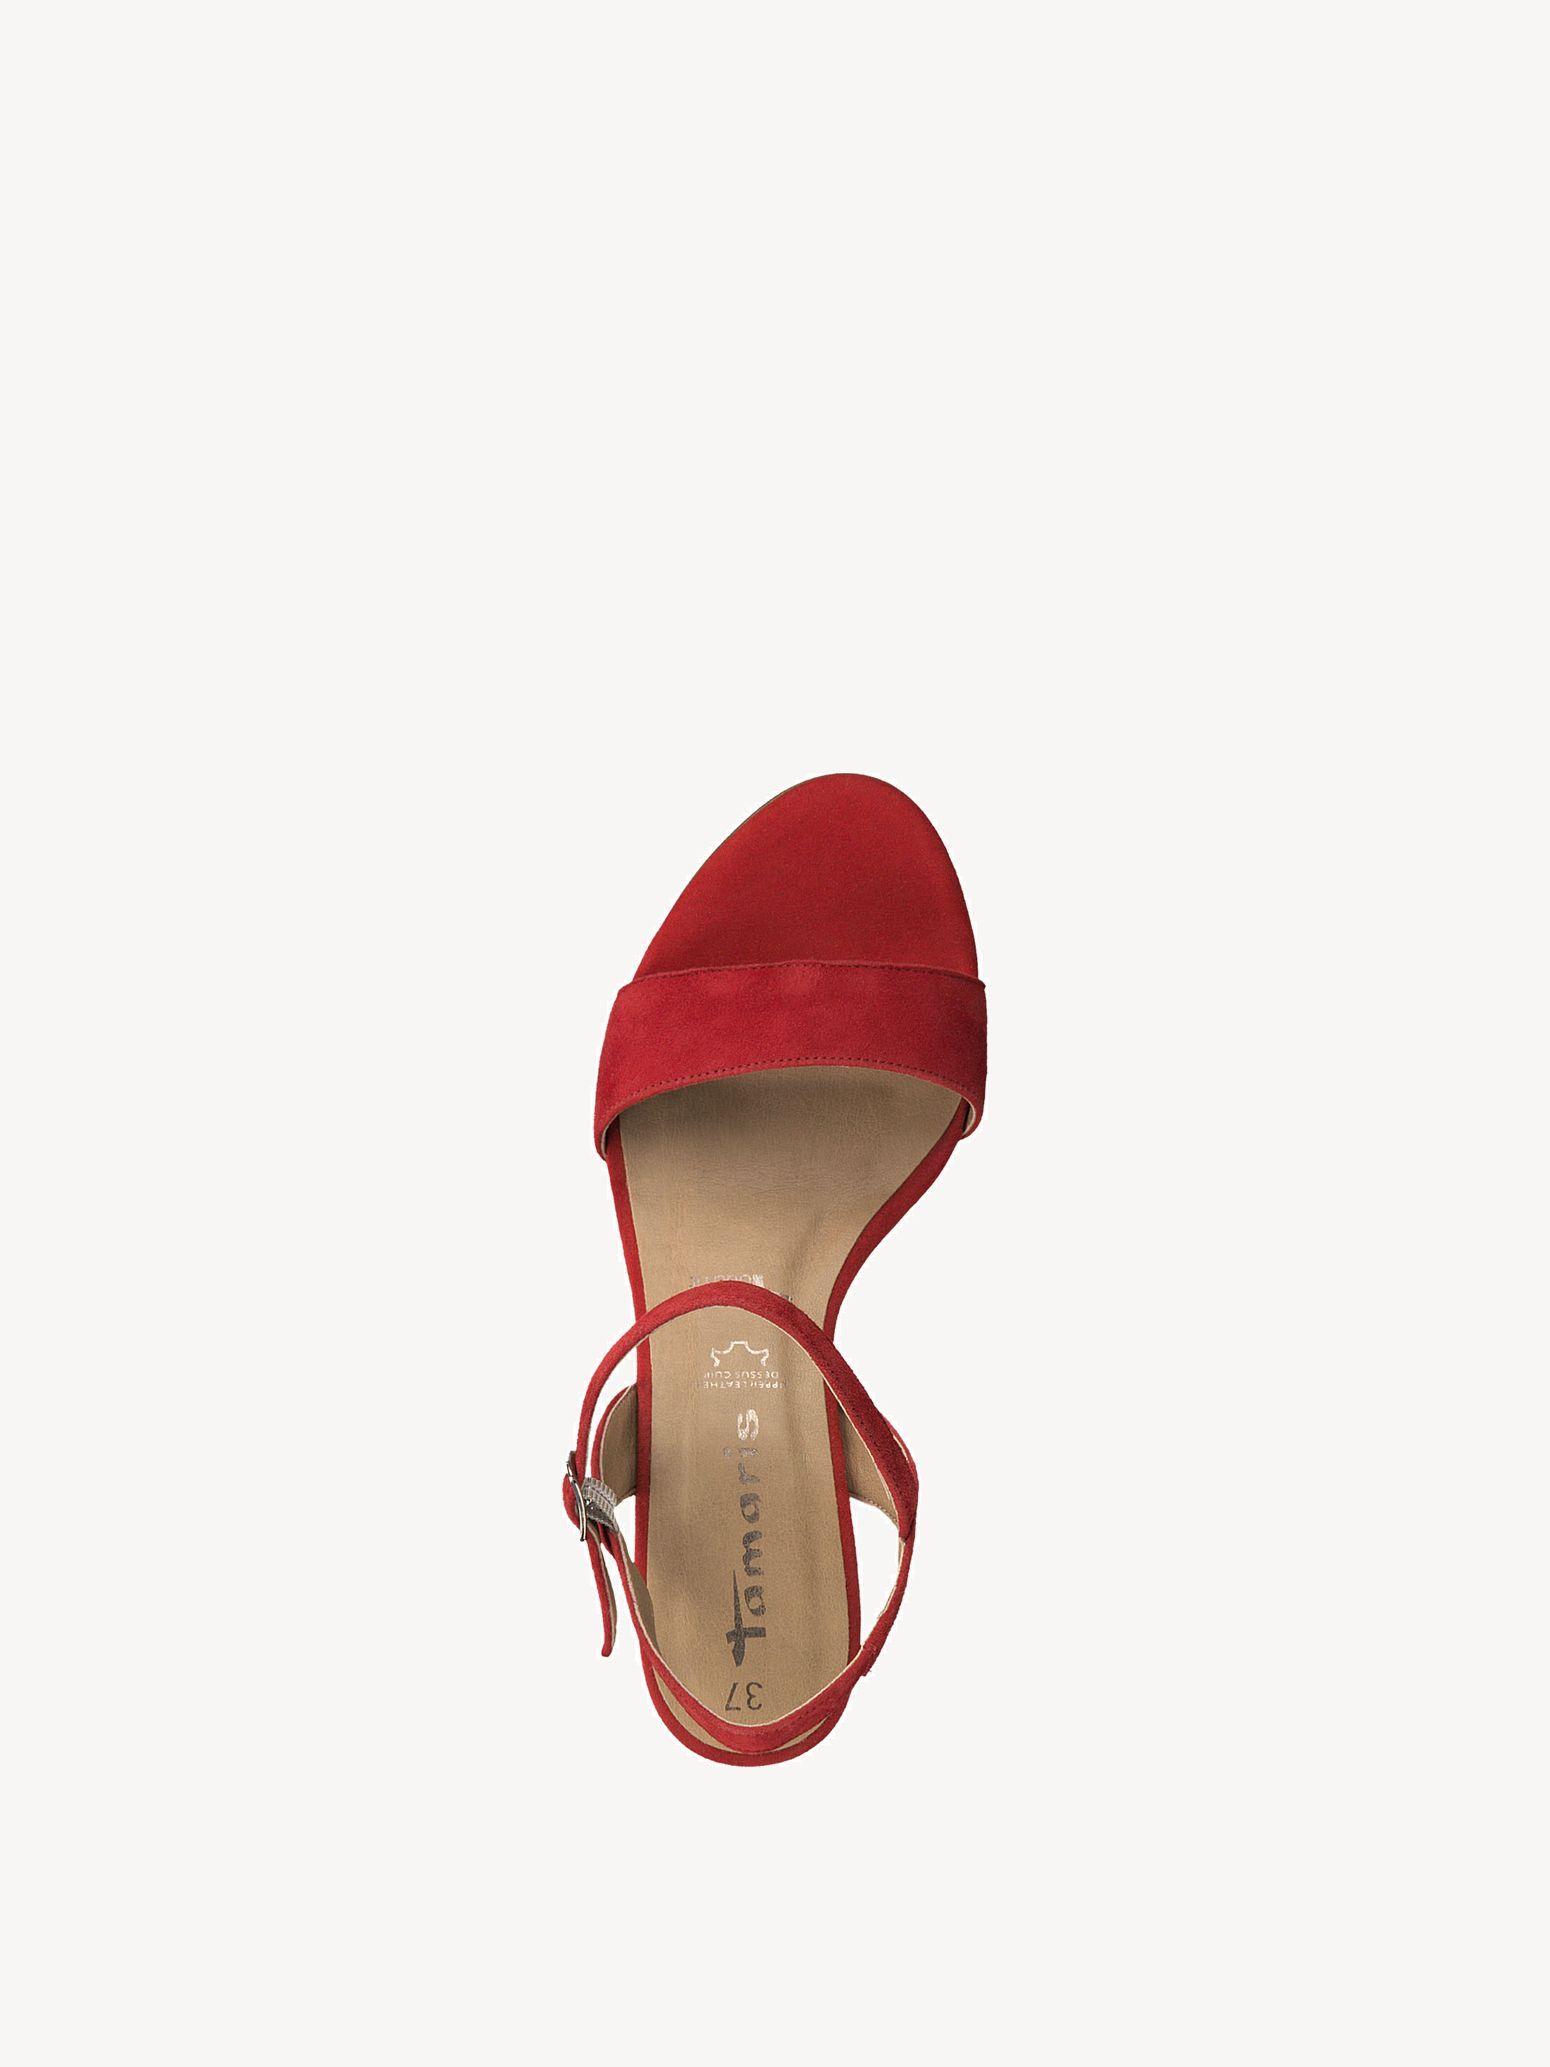 1 Ledersandale 22Tamaris Online 28361 Kaufen Sandalen 1 X0kNnP8wO